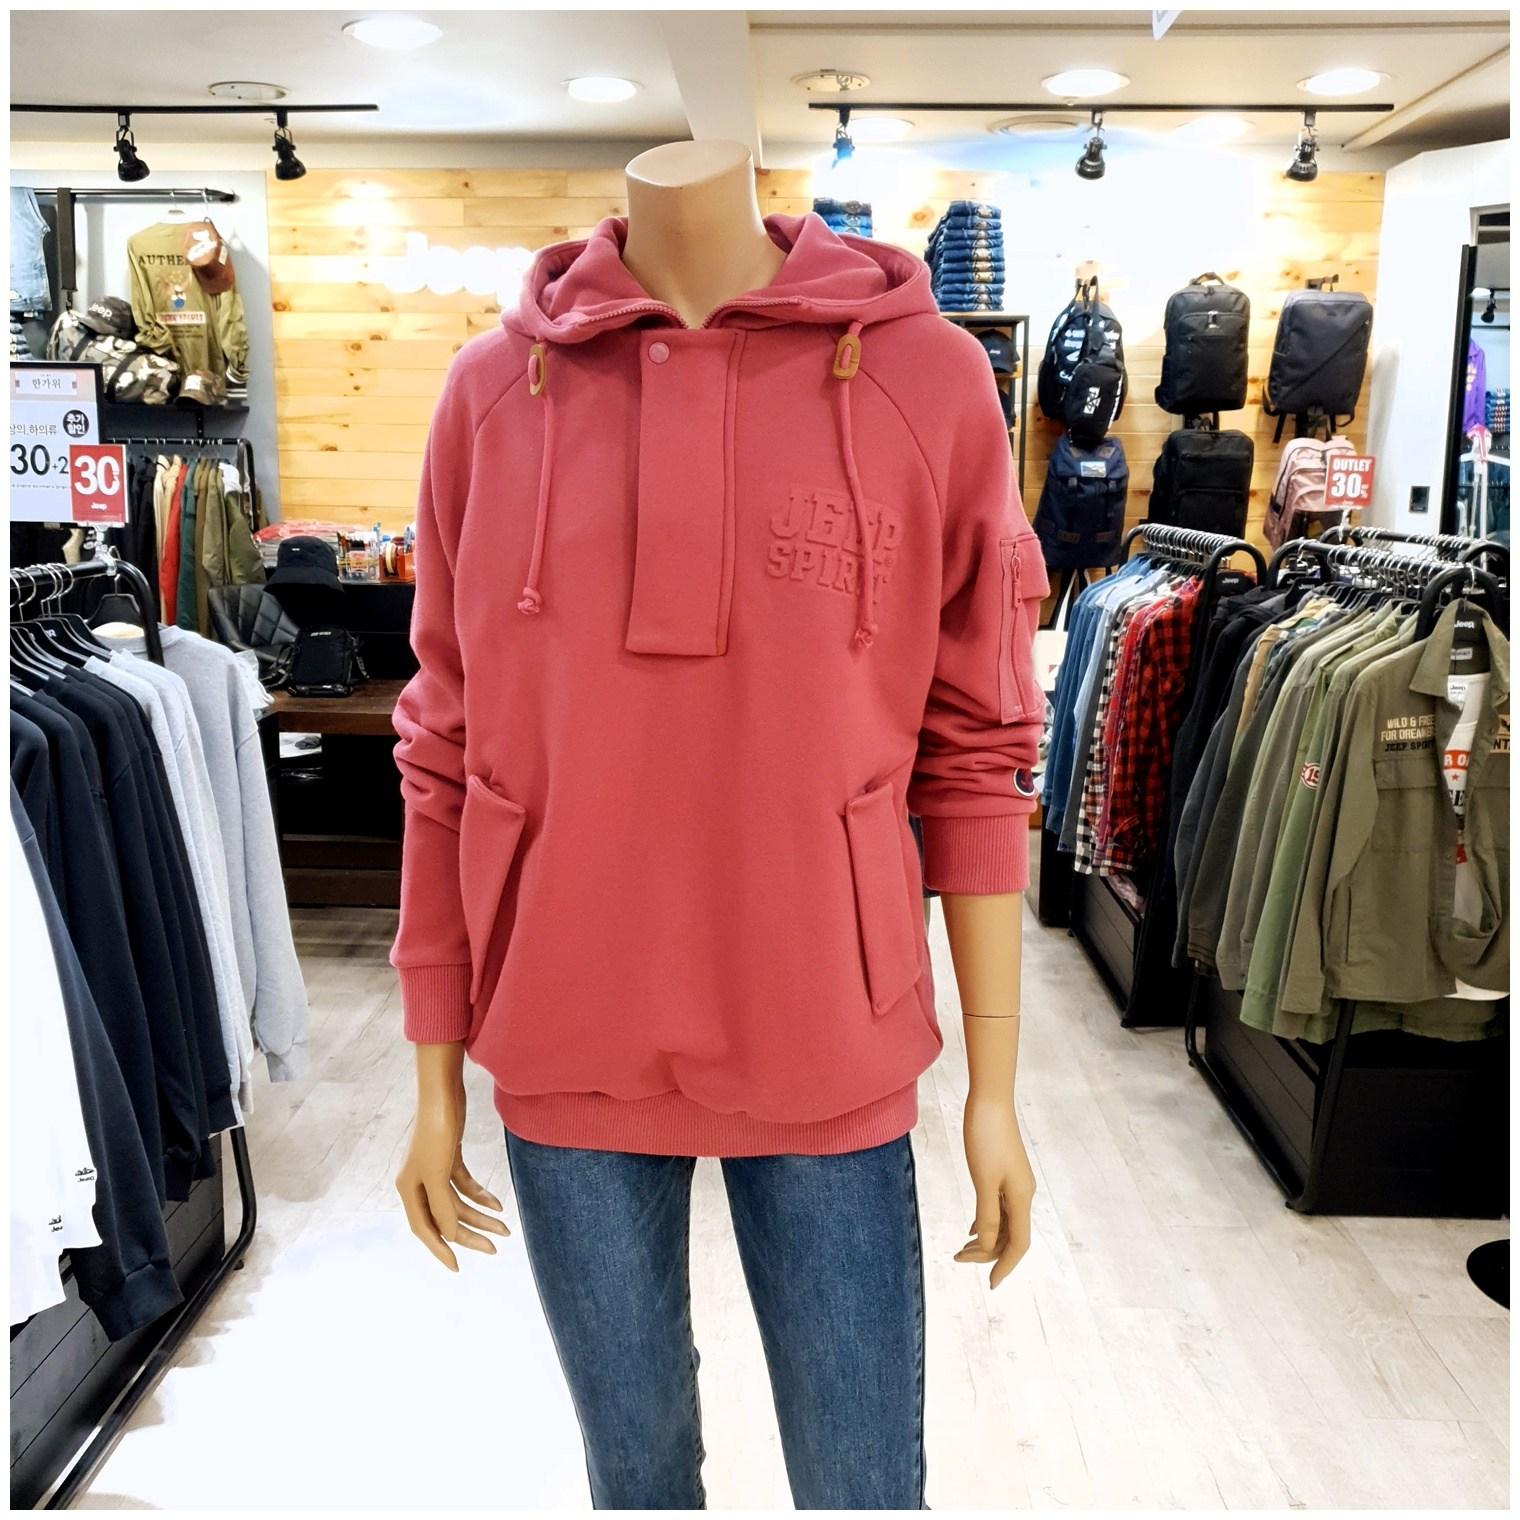 지프 [NC불광점] 이월상품 70%특가할인!! 데일리로 캐주얼하고 멋스럽게 입기 좋은 아노락 엠보로고 후드티!!